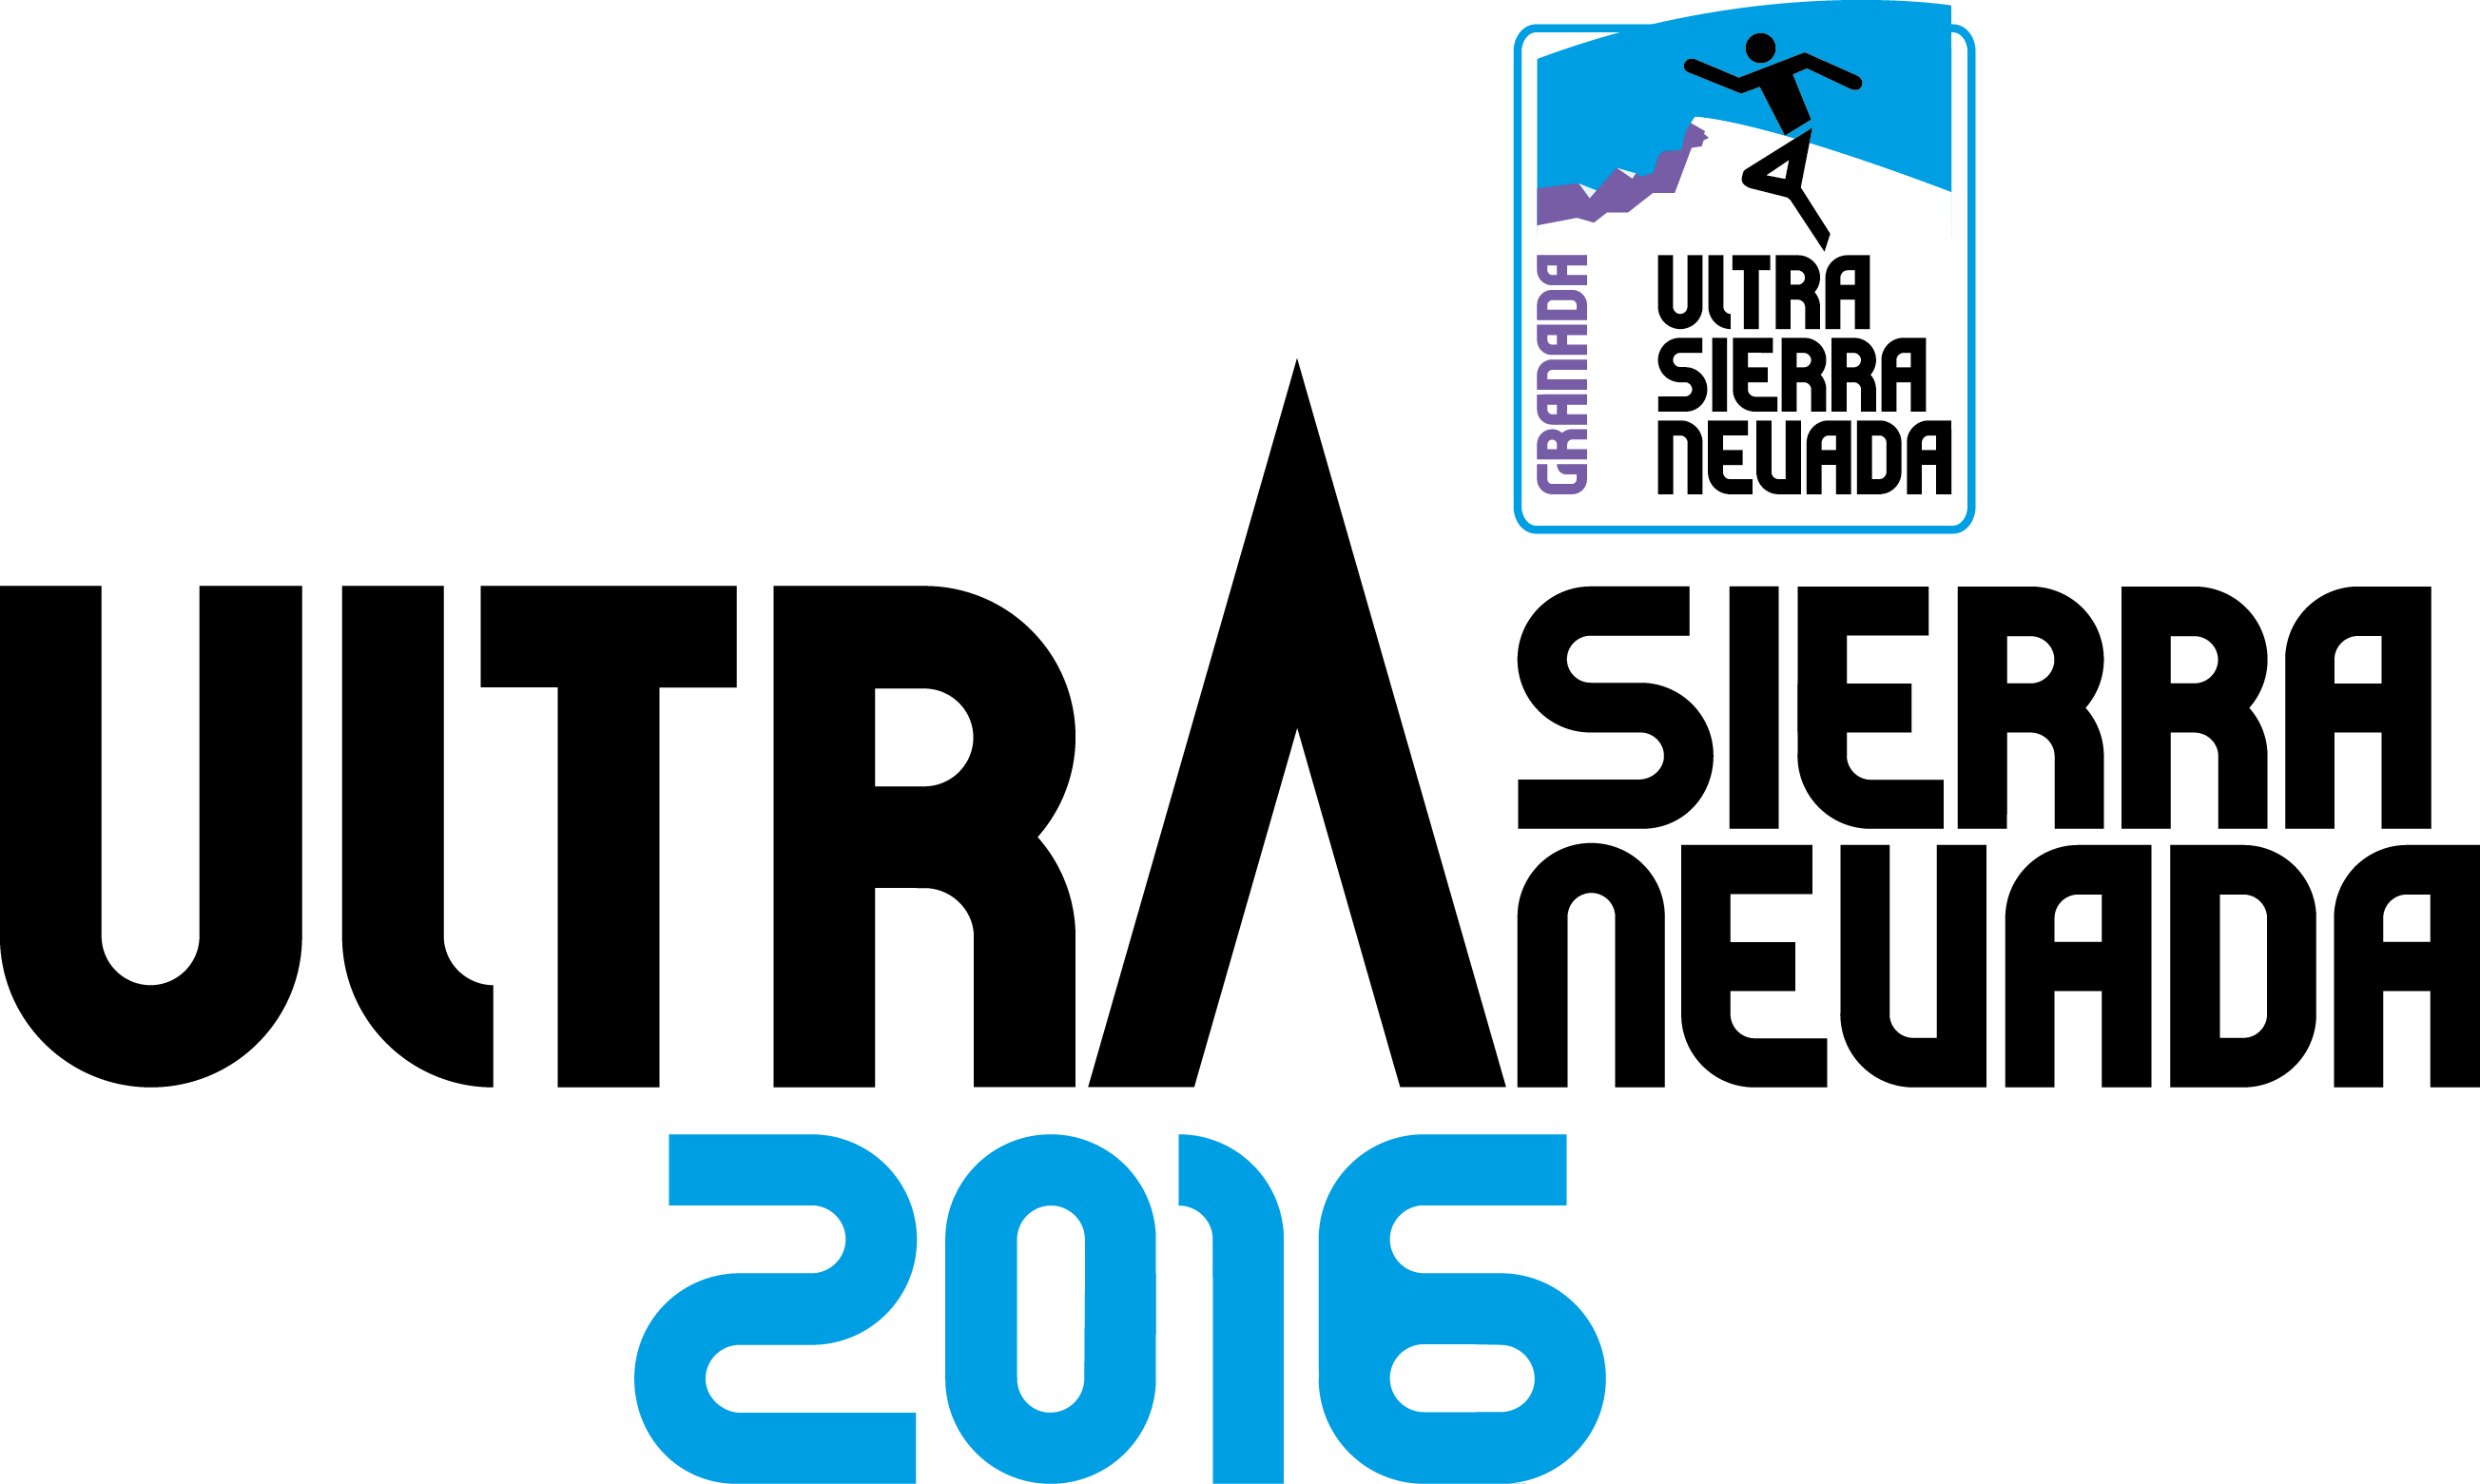 RUNULTRA_USN-logo-new-item